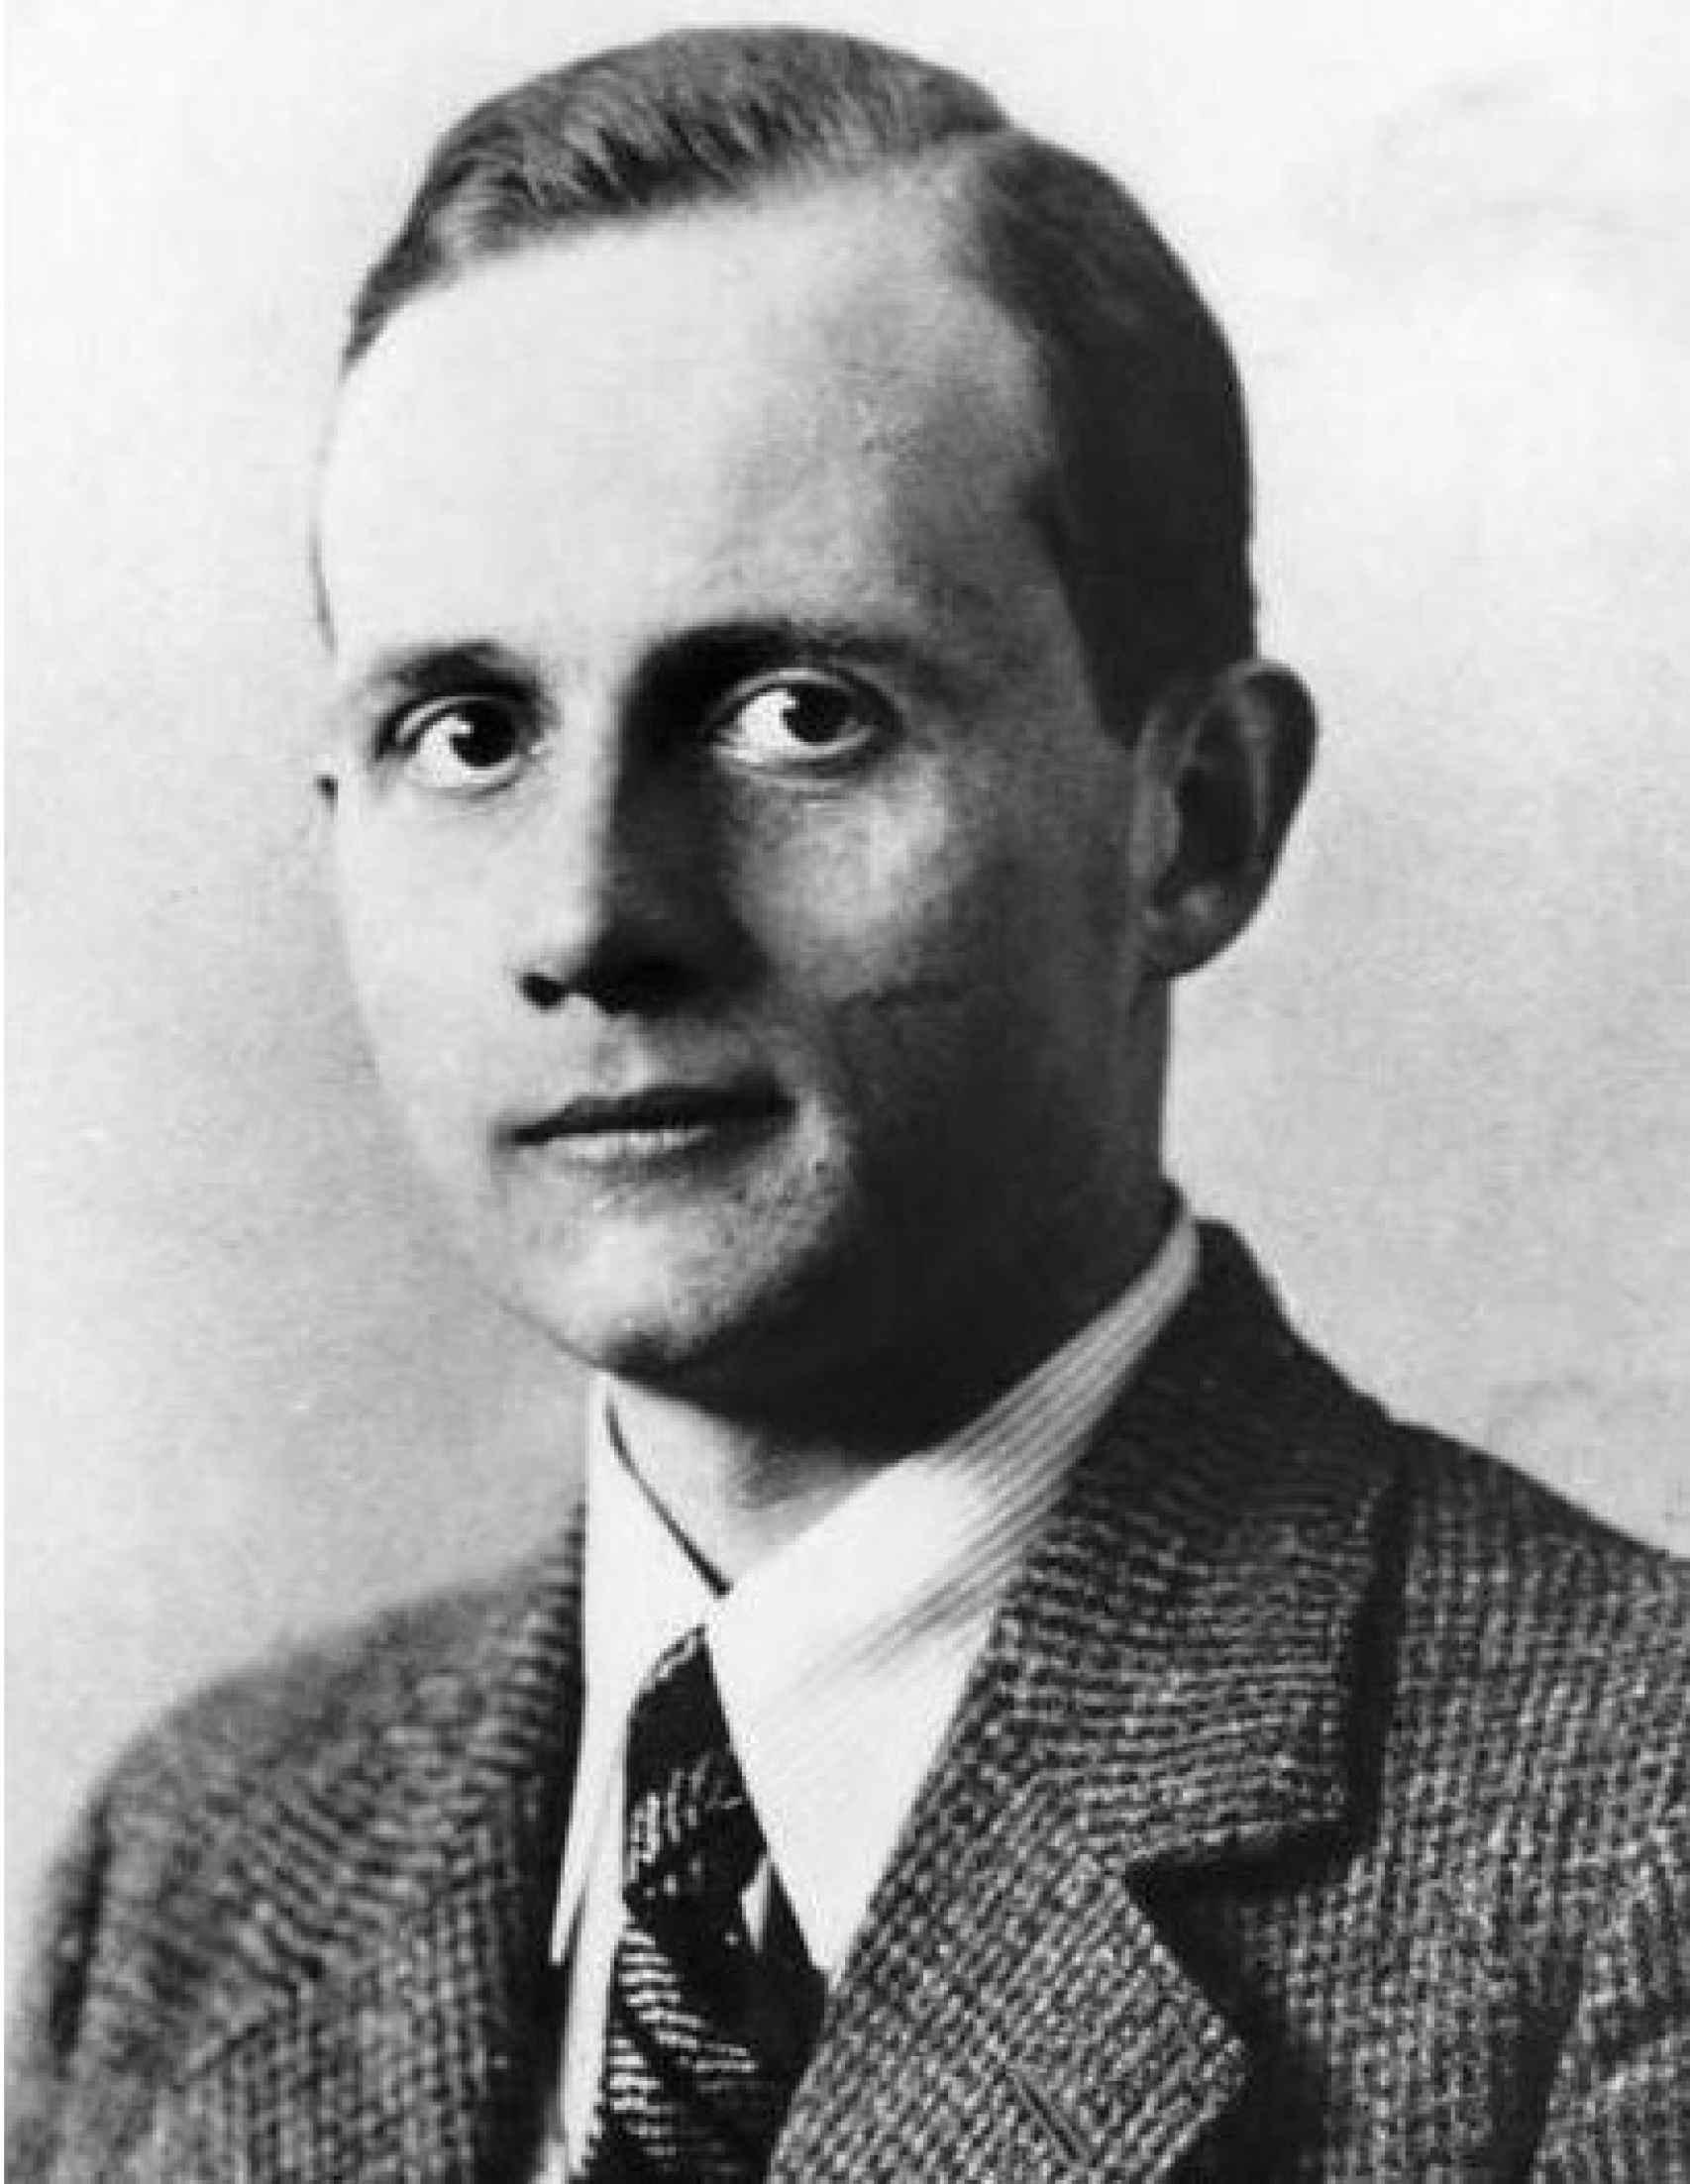 Ernst vom Rath, asesinado por Herschel Grynszpan.